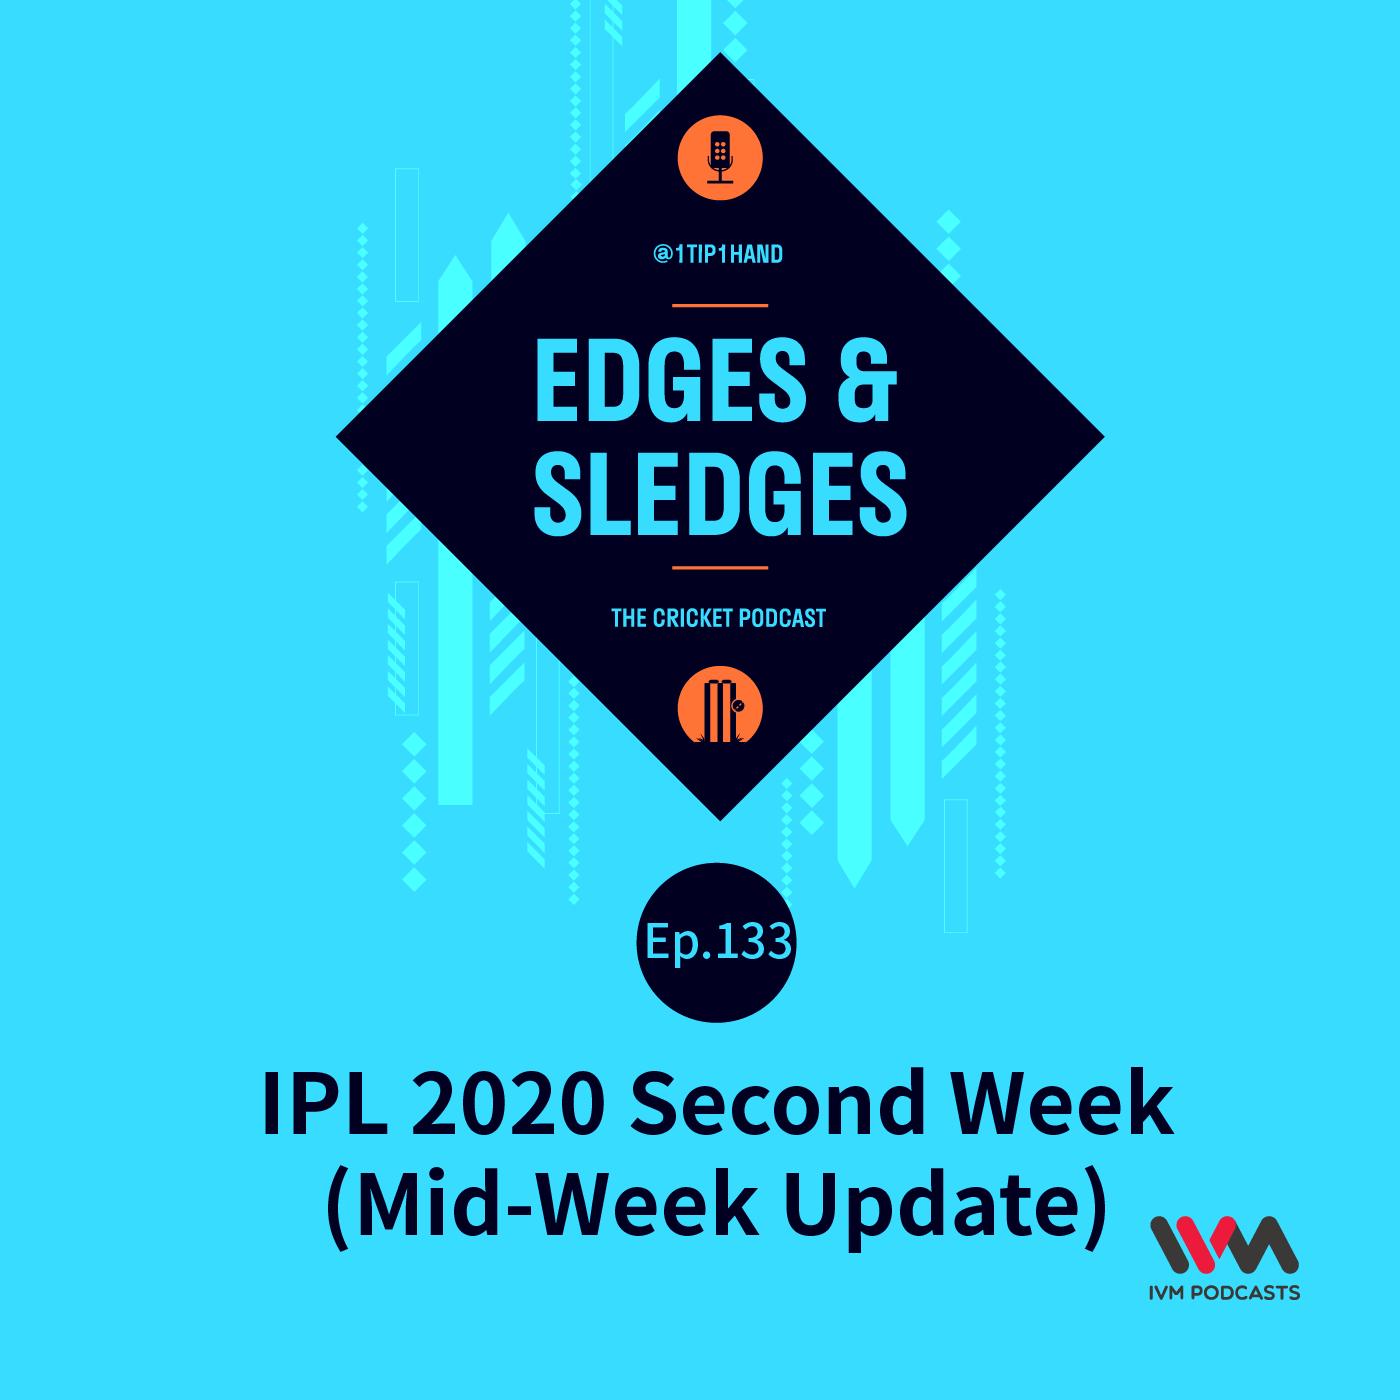 Ep. 133: IPL 2020 Second Week (Mid-Week Update)